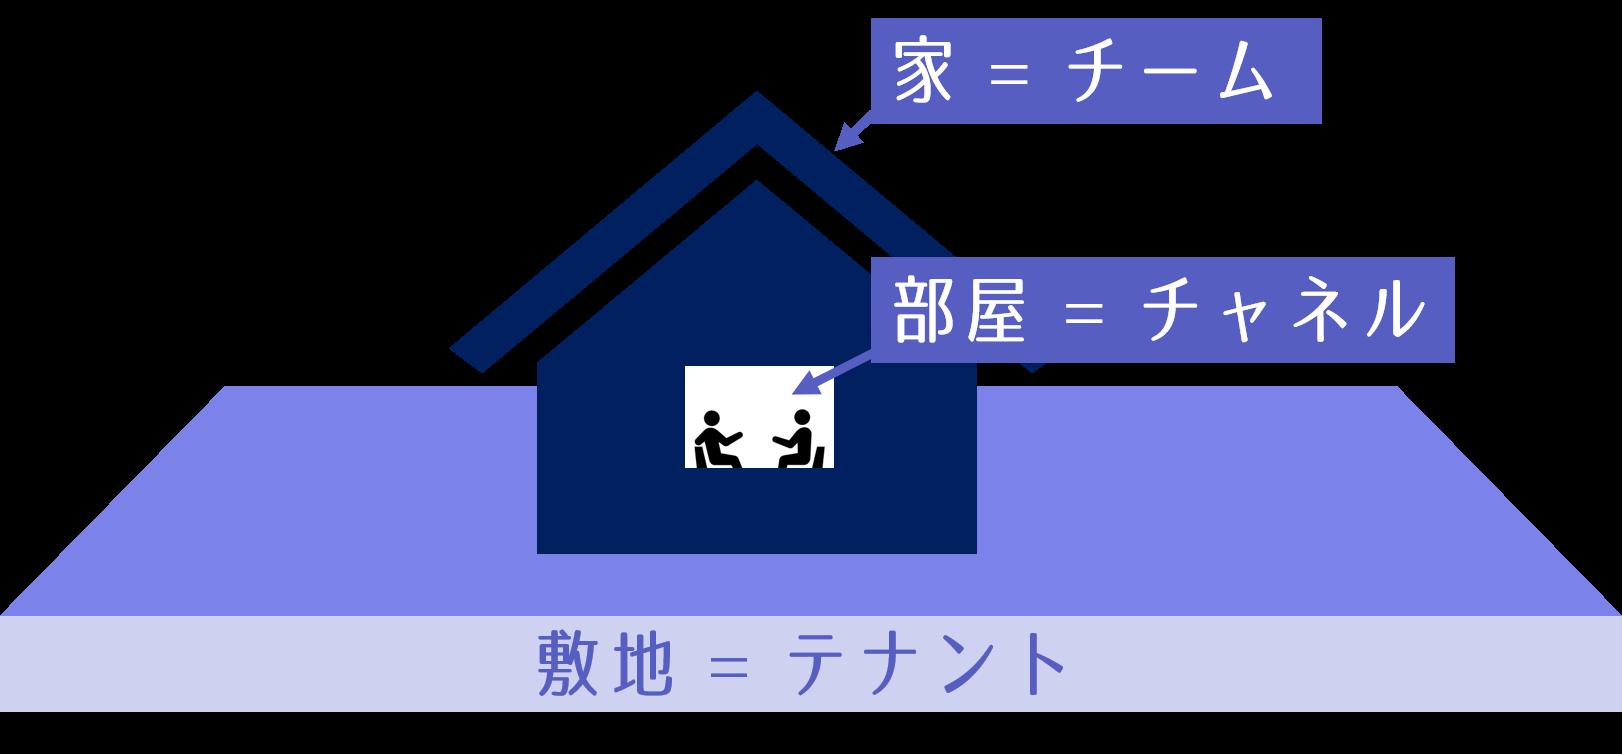 敷地 家 部屋